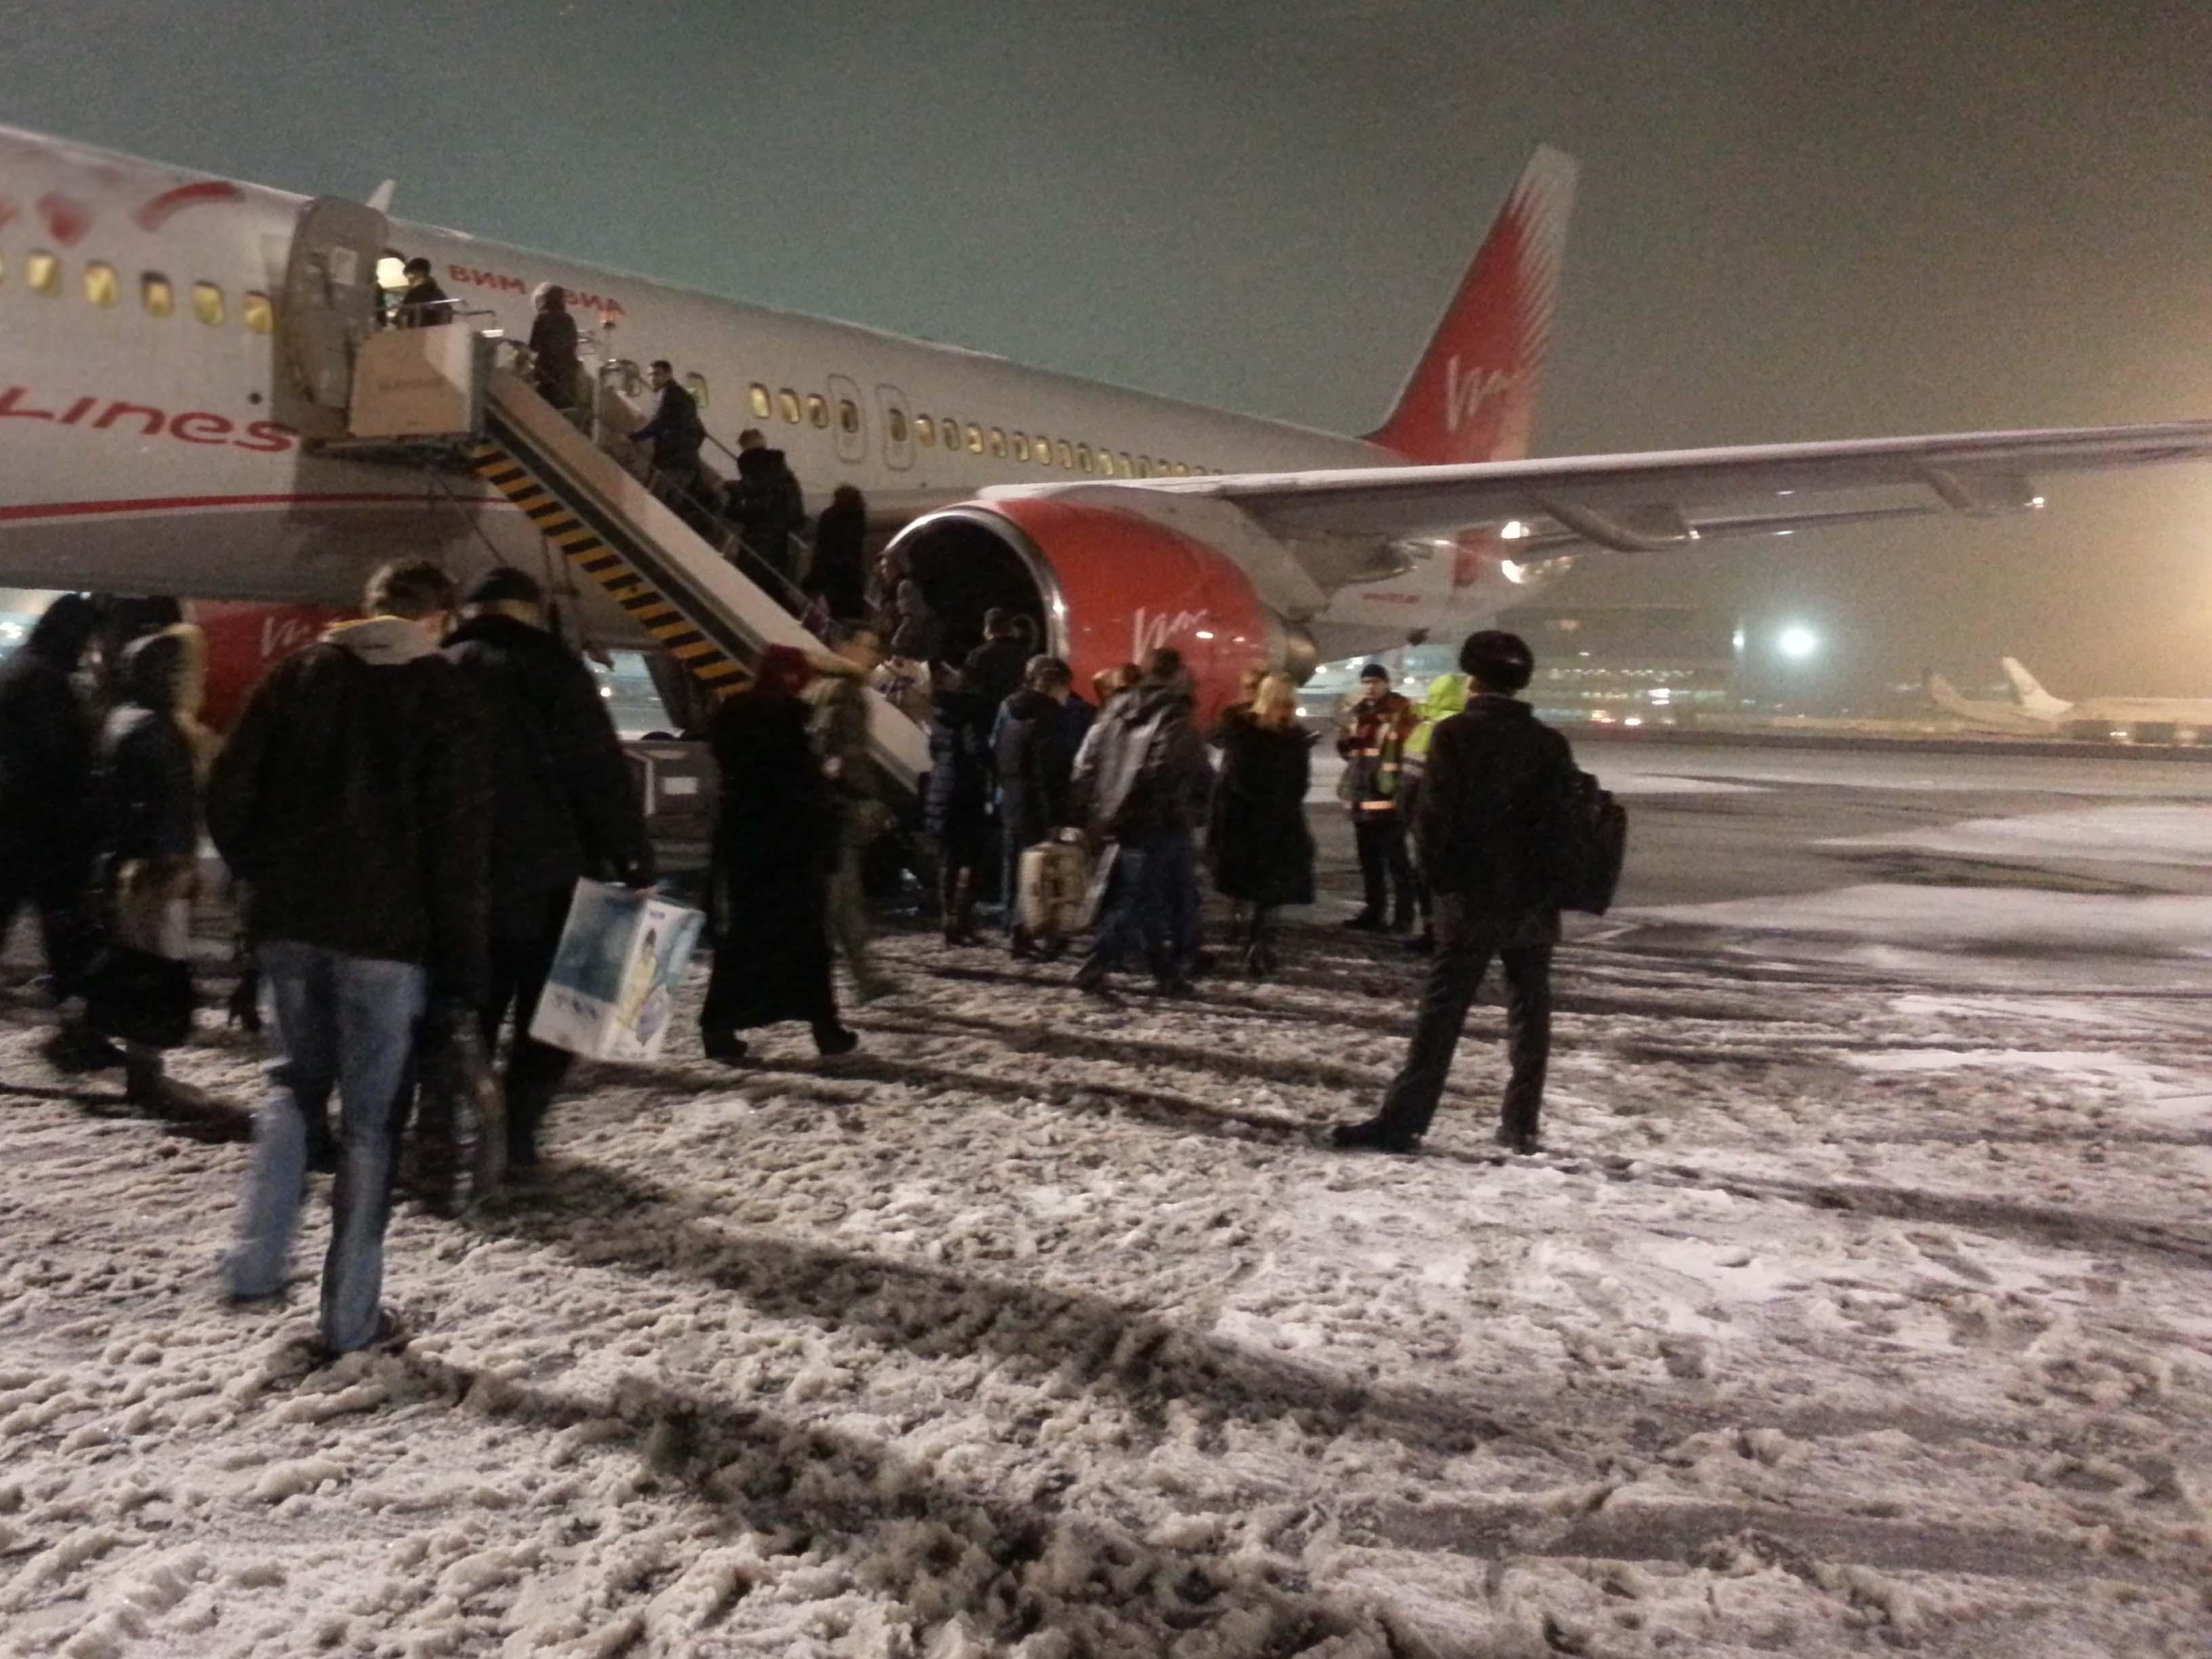 Рейс перед Рождеством из Москвы в Екатеринбург: портрет заложников аэропорта